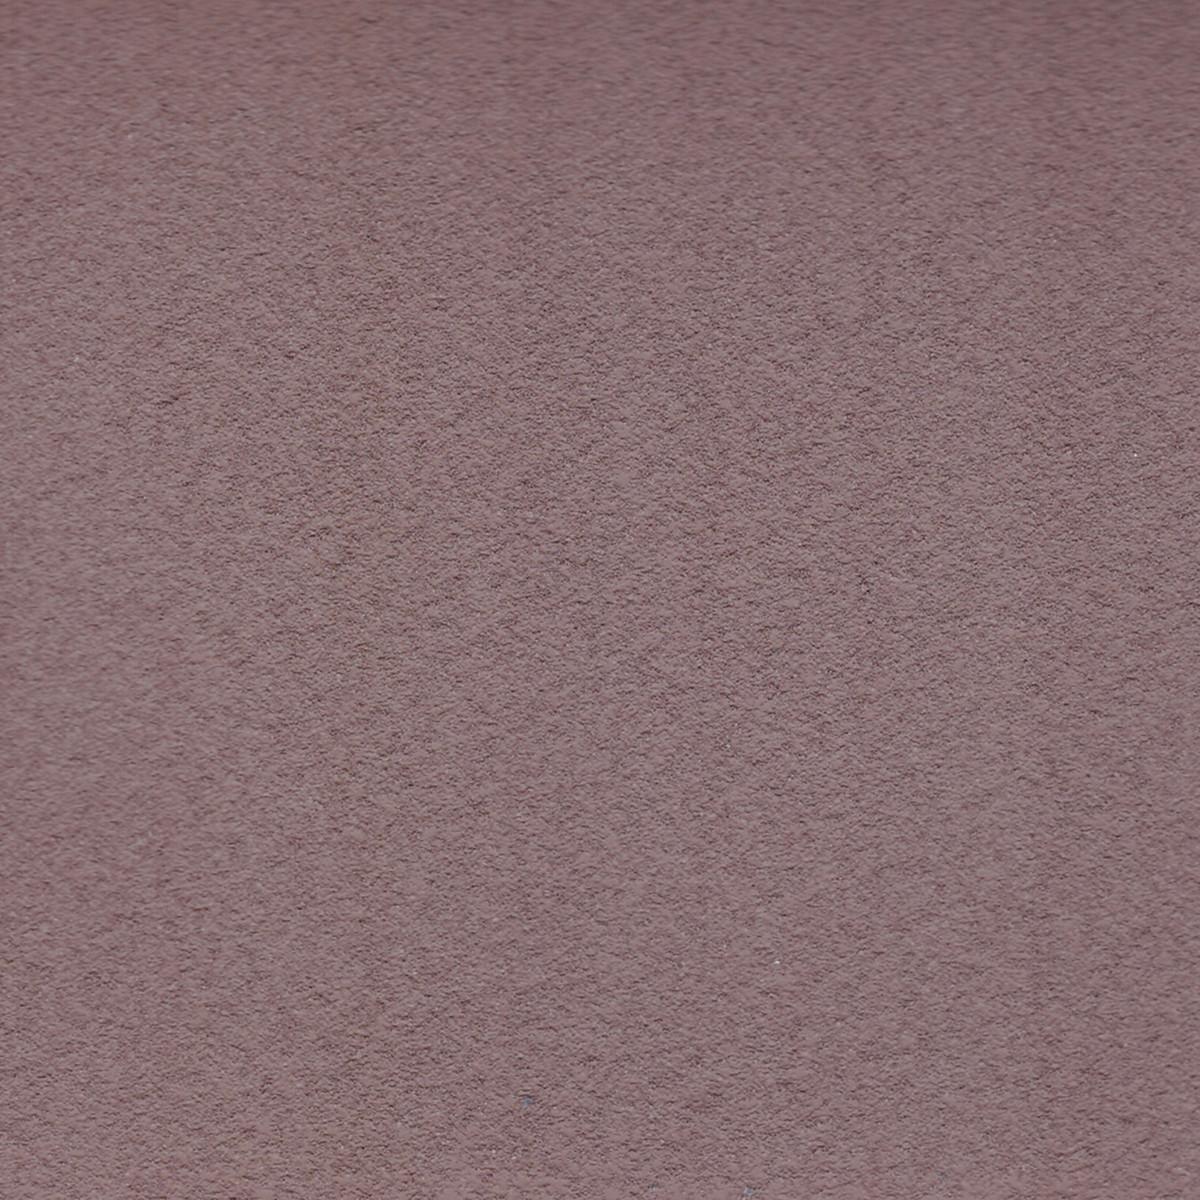 RM Pittura ad effetto decorativo Vento di sabbia Wenge 3 L